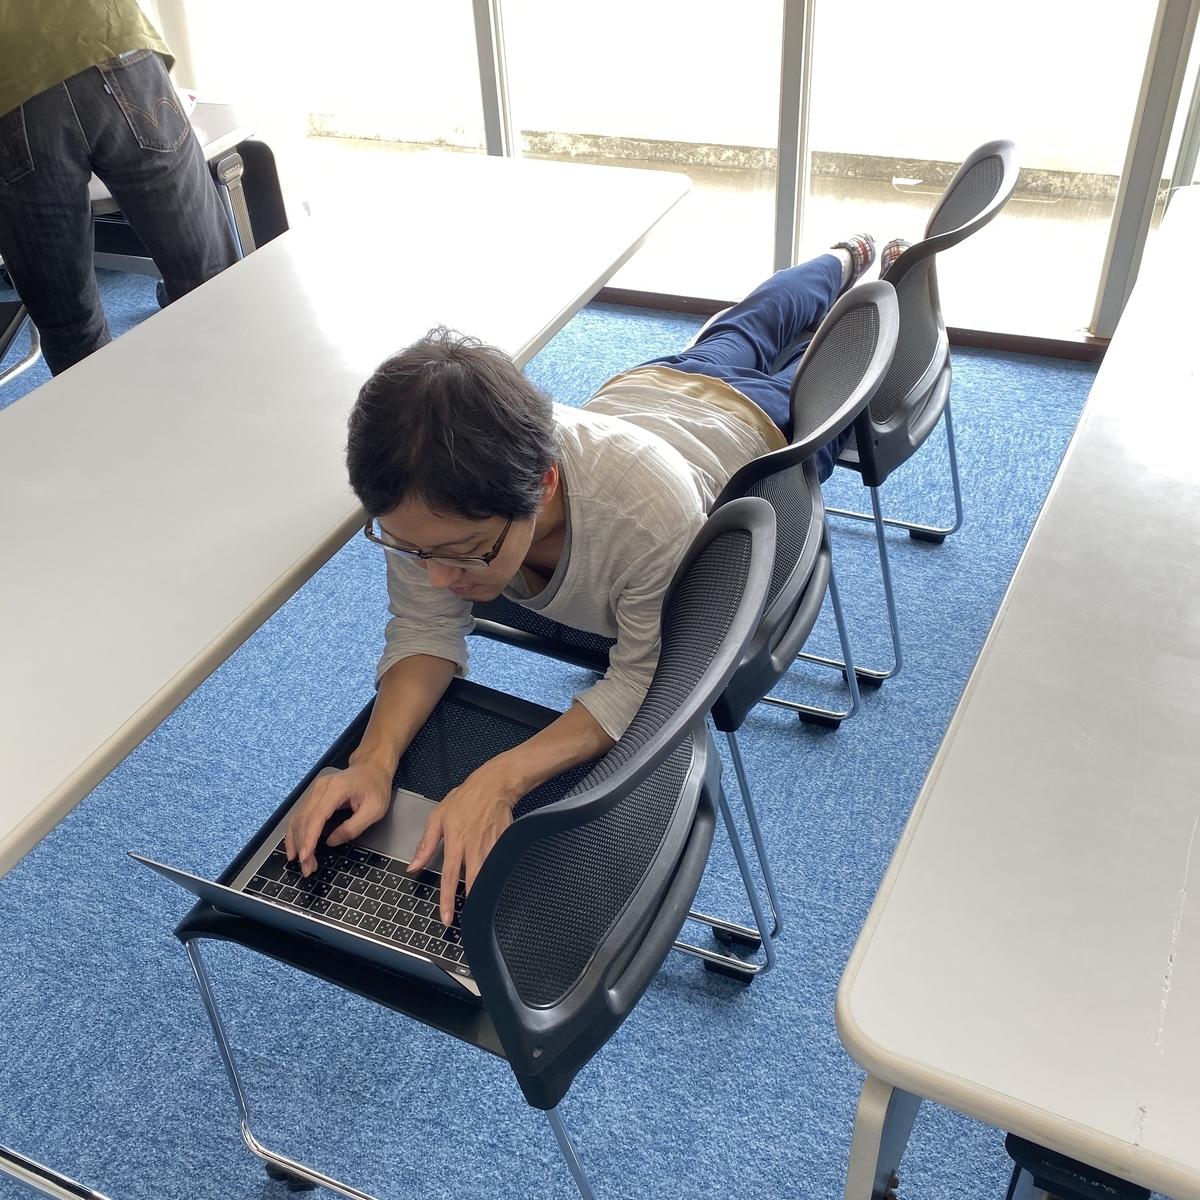 椅子をつなげて寝ながら開発をする人